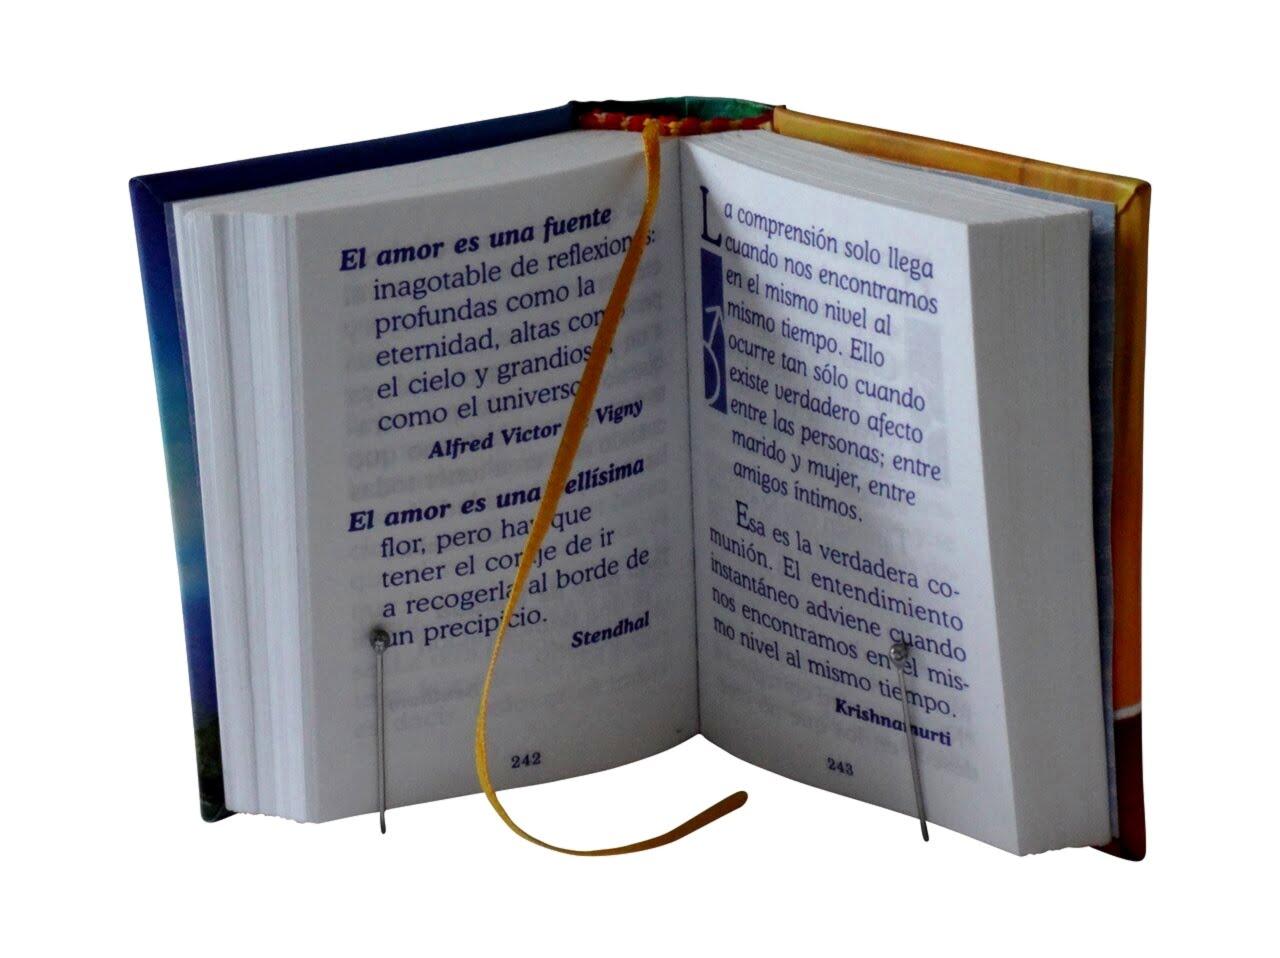 a_los_Padres_1-miniature-book-libro